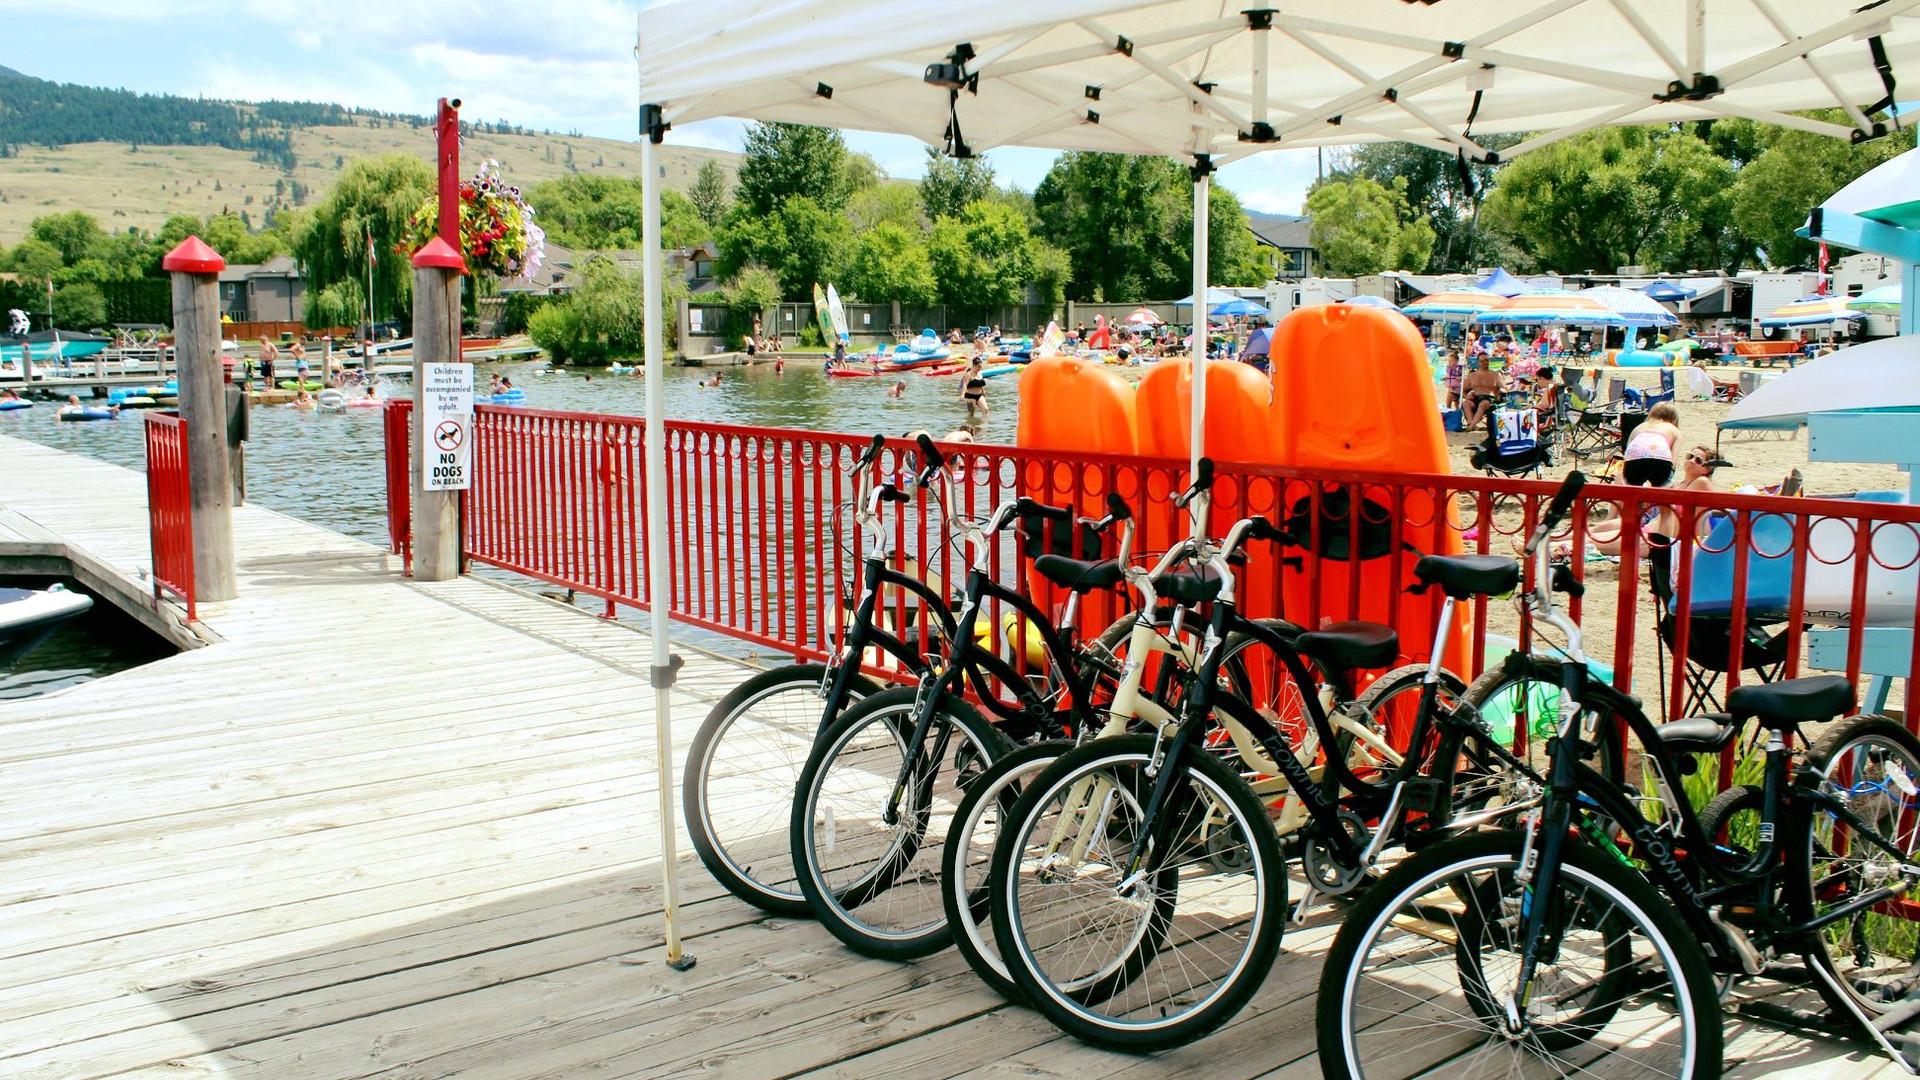 pier_bicycles_Wood_Lake_RV.jpg